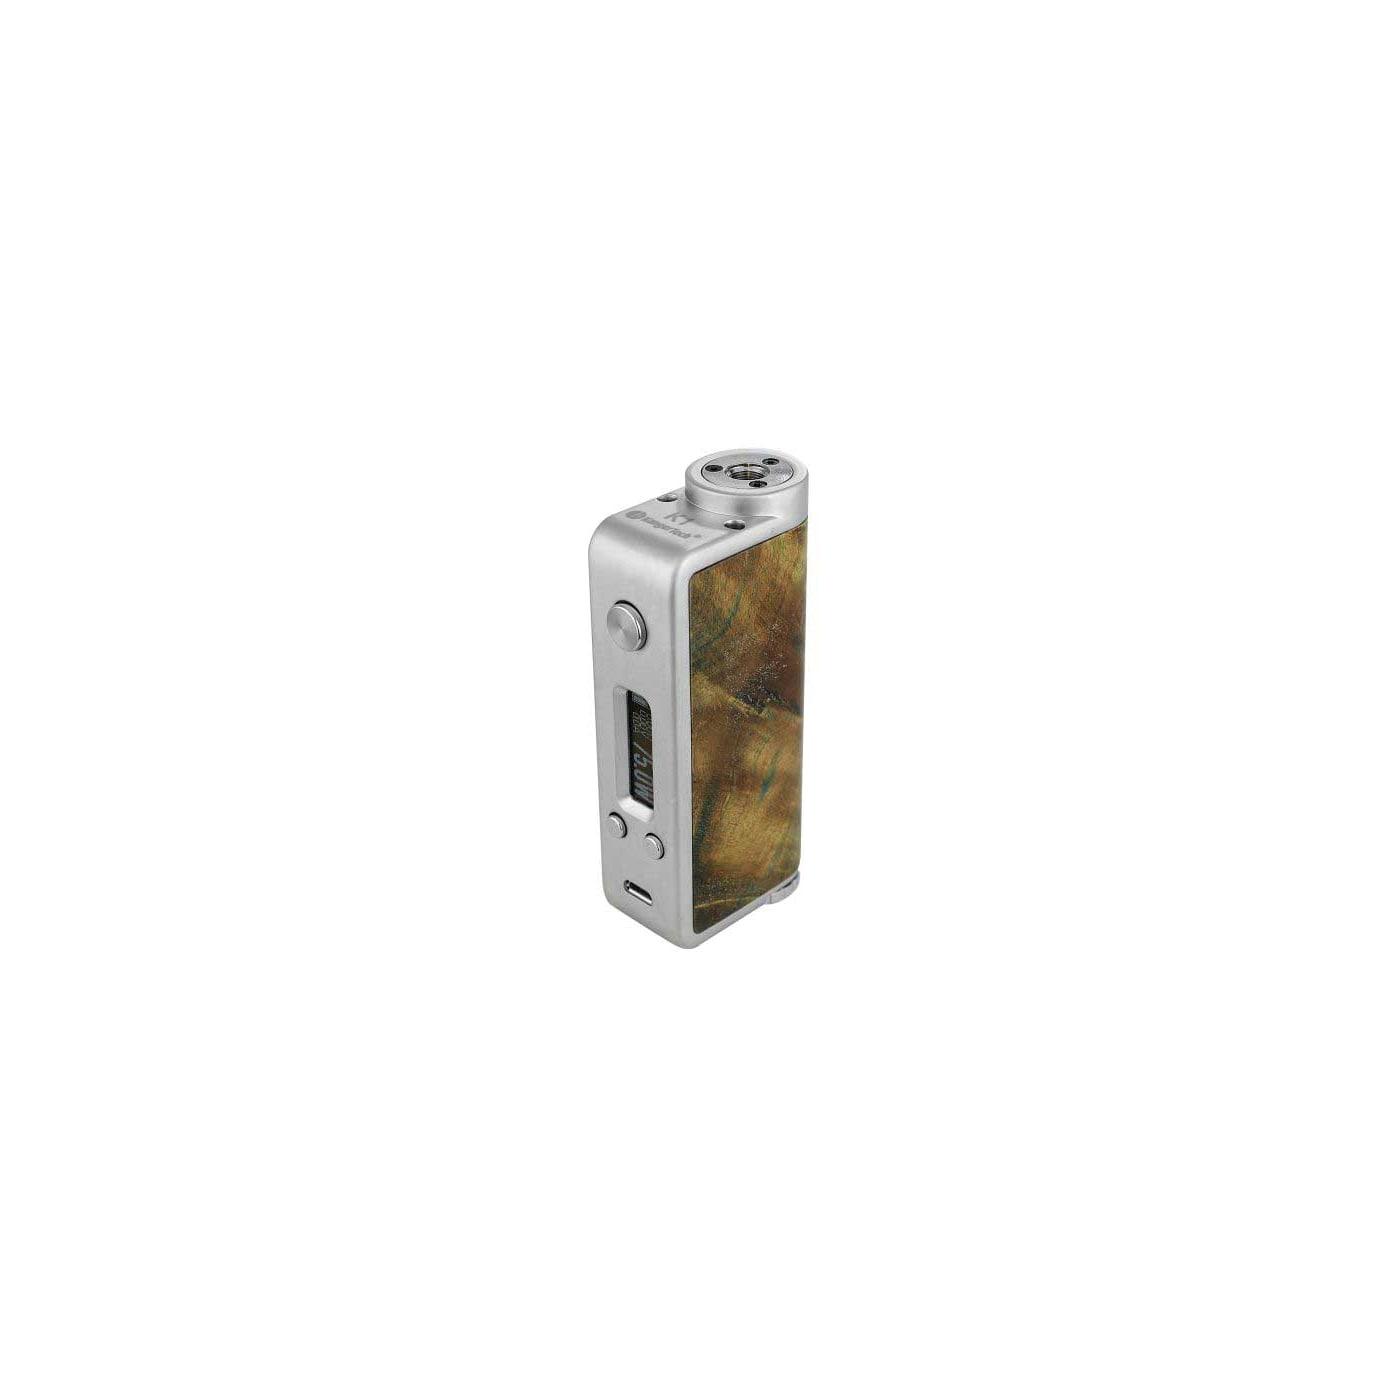 Kanger K1 DNA Box Mod